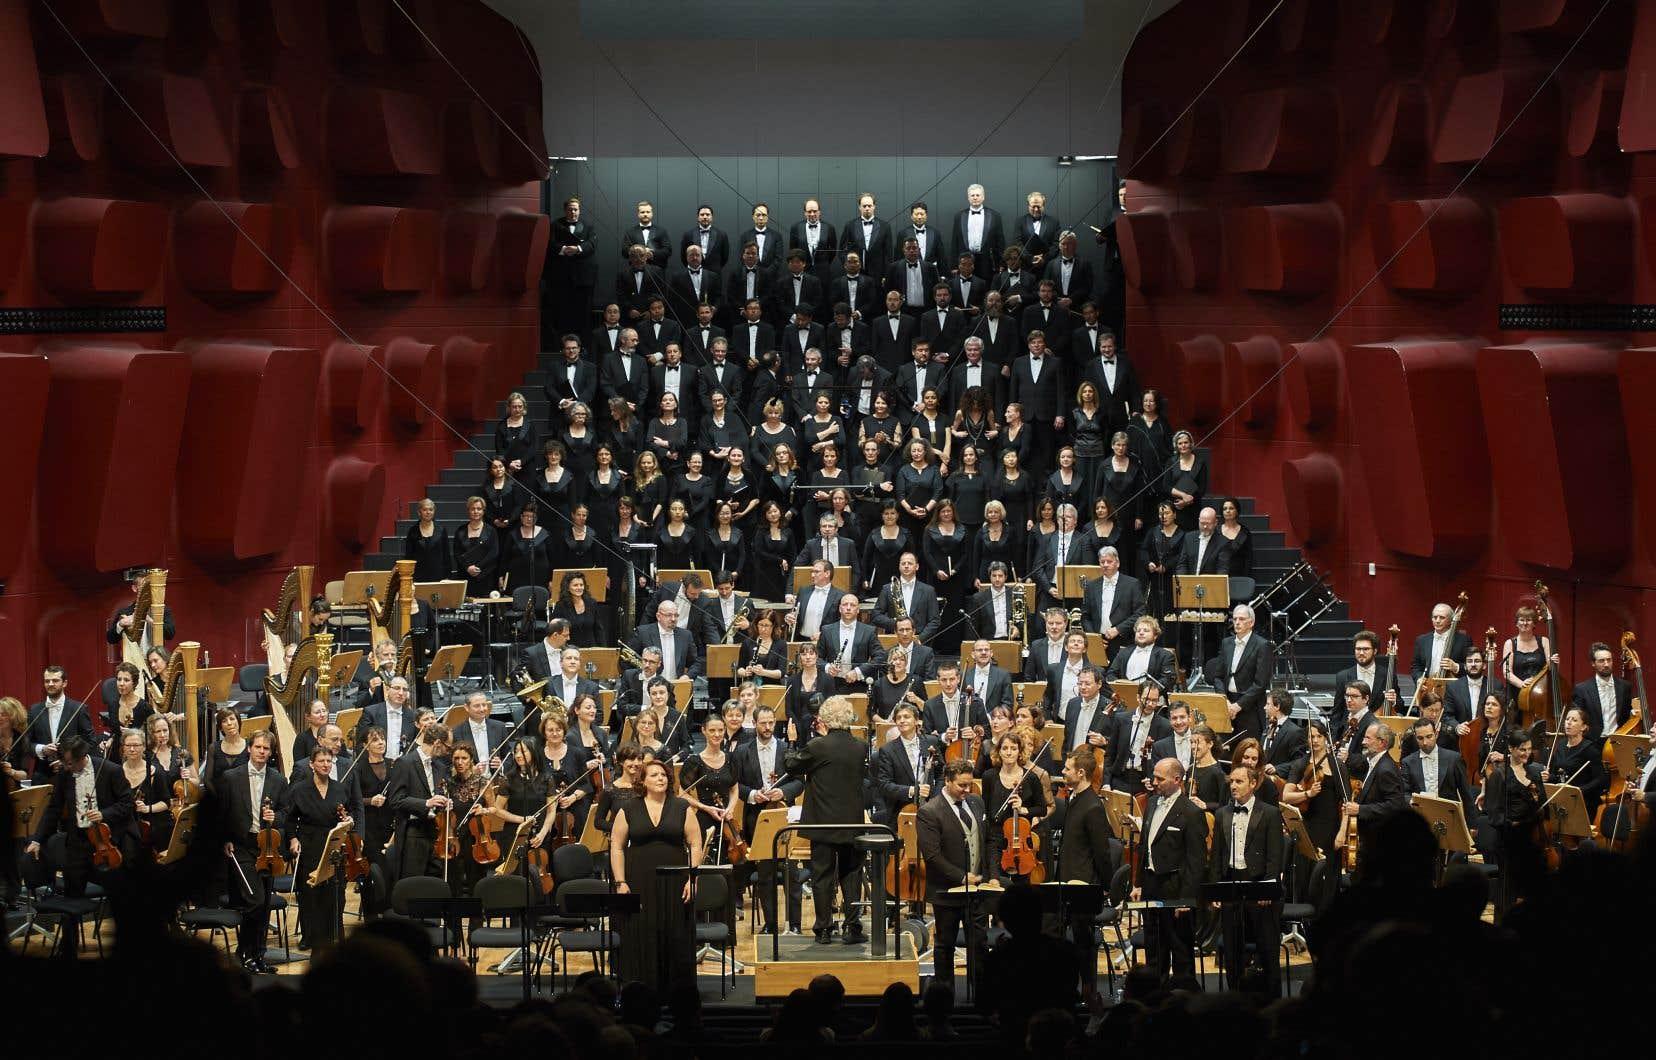 Marie-Nicole Lemieux (en avant-plan, à gauche) est capitale dans la réussite de l'entreprise, car la prêtresse Cassandre qu'elle incarne jusqu'à la transe met la table pour tout l'opéra.